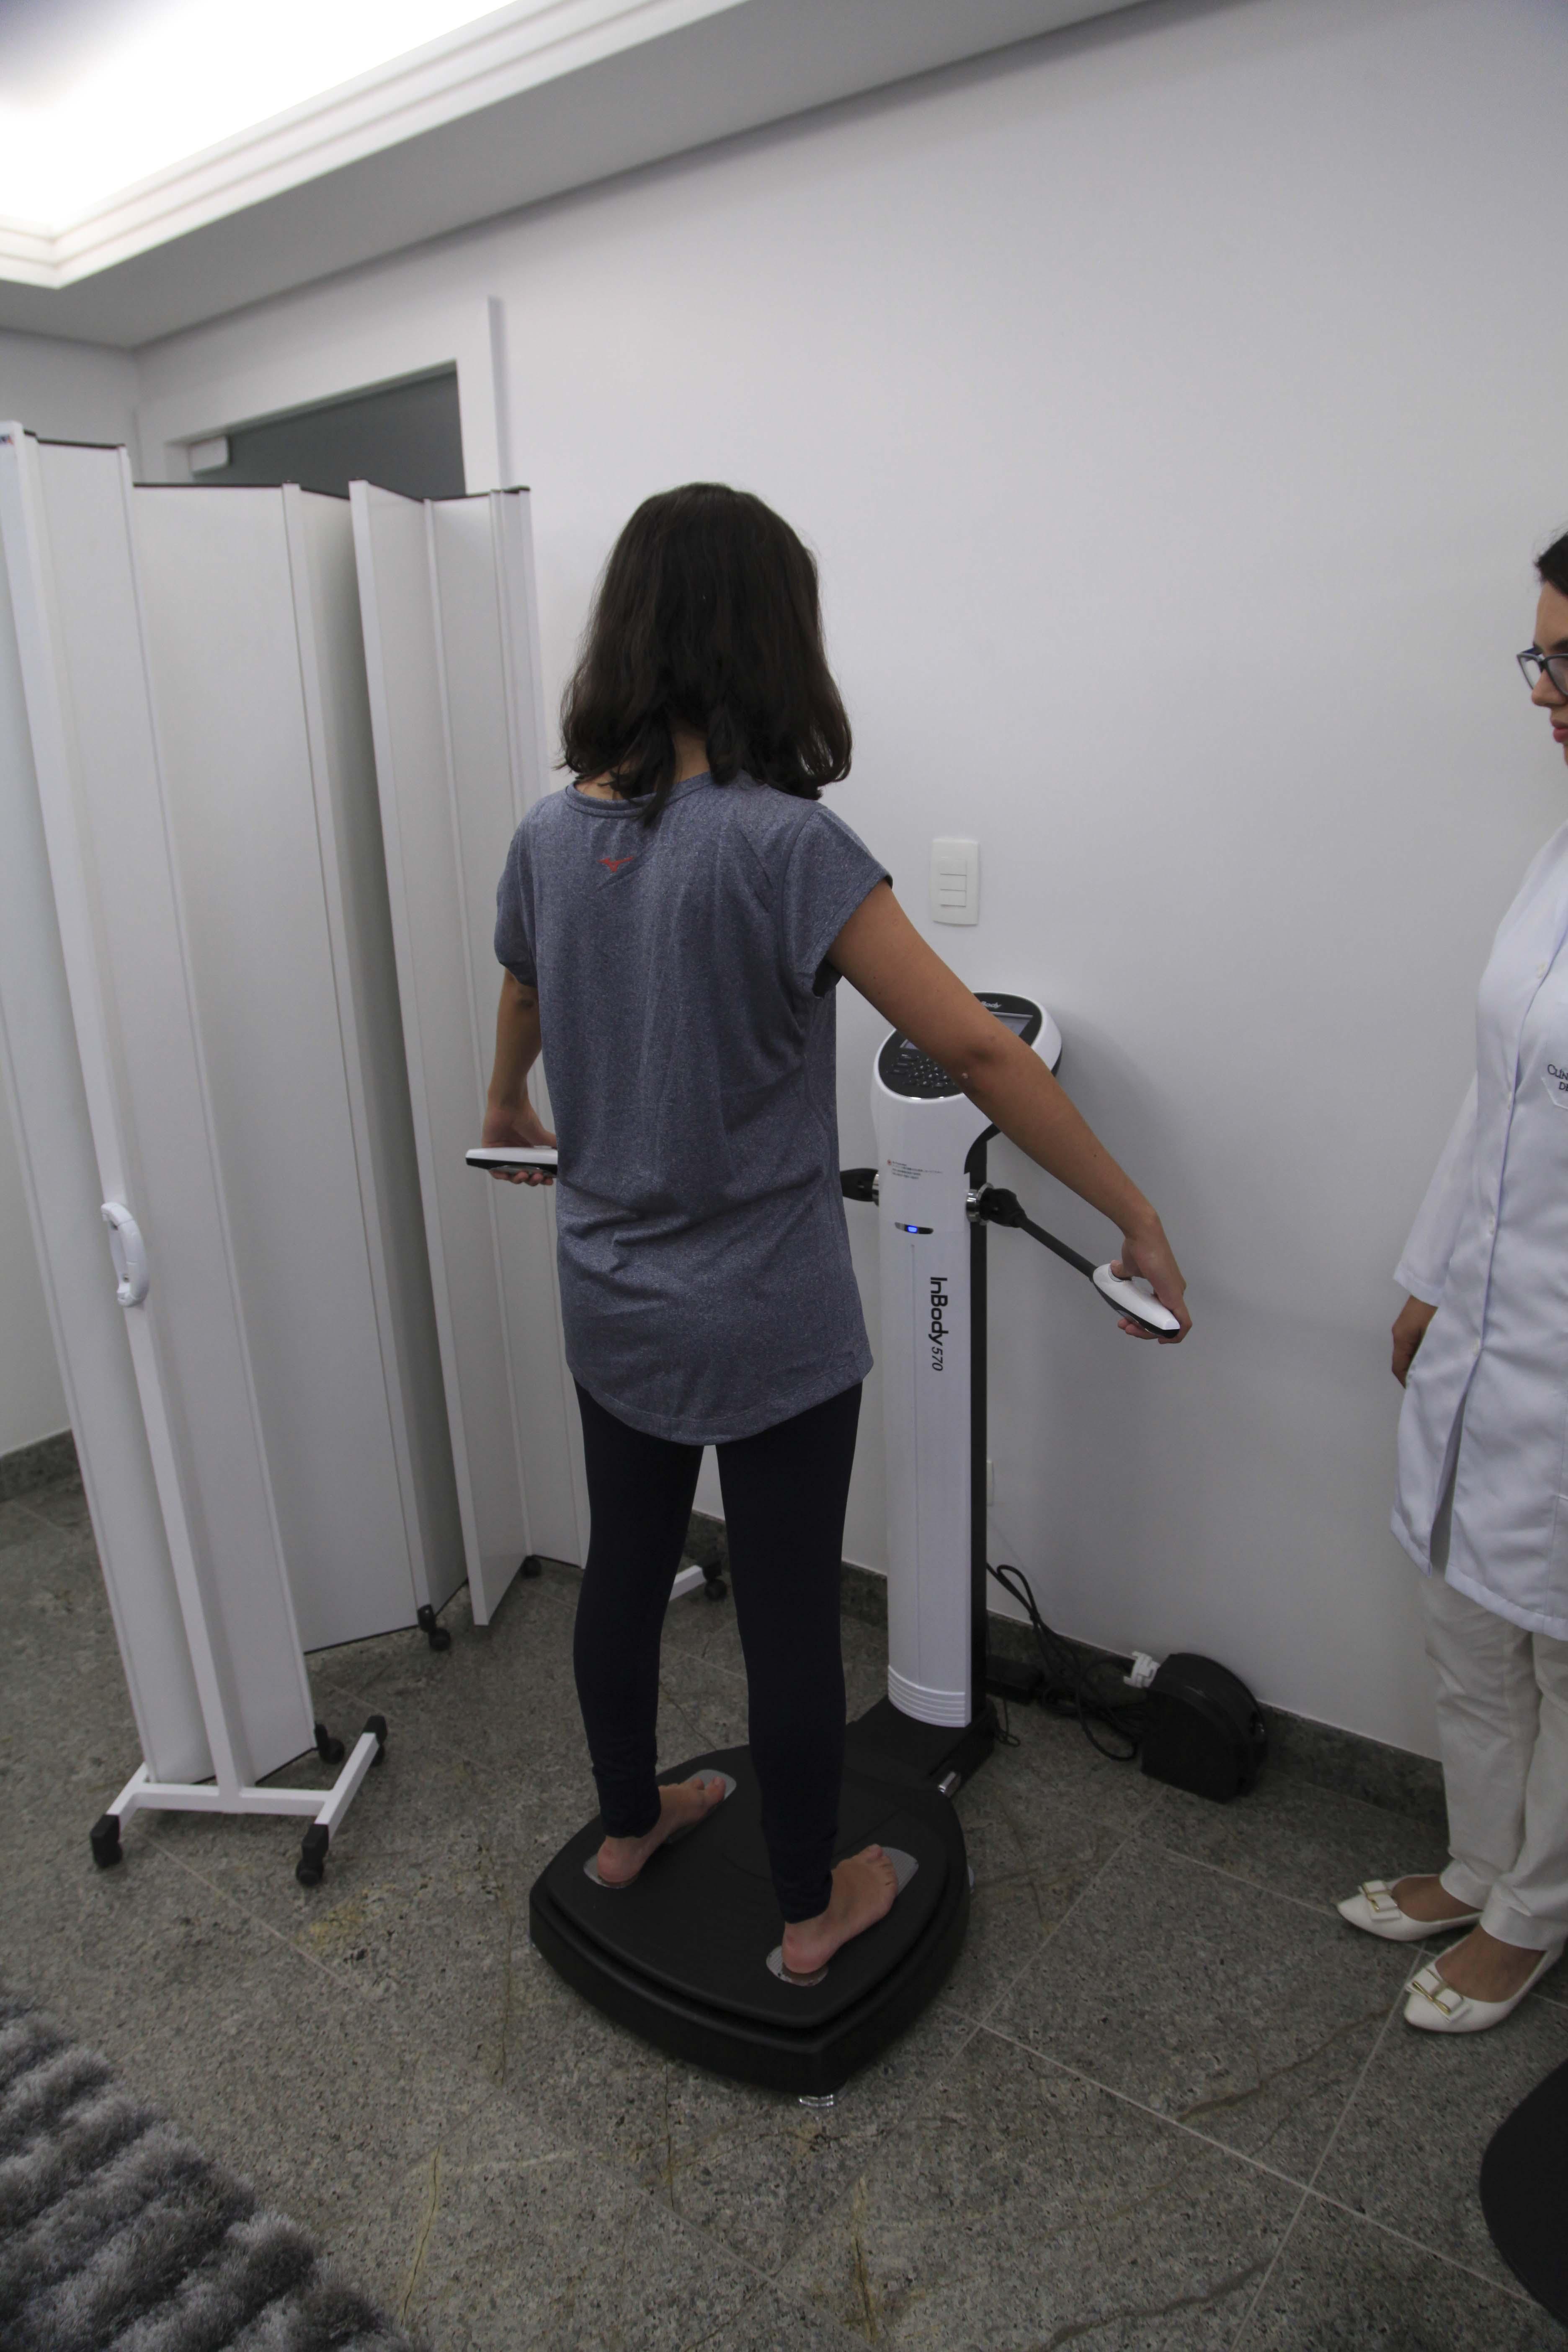 Em poucos minutos, por meio de um aparelho, os participantes tiveram uma avaliação completa do seu atual estado de saúde.